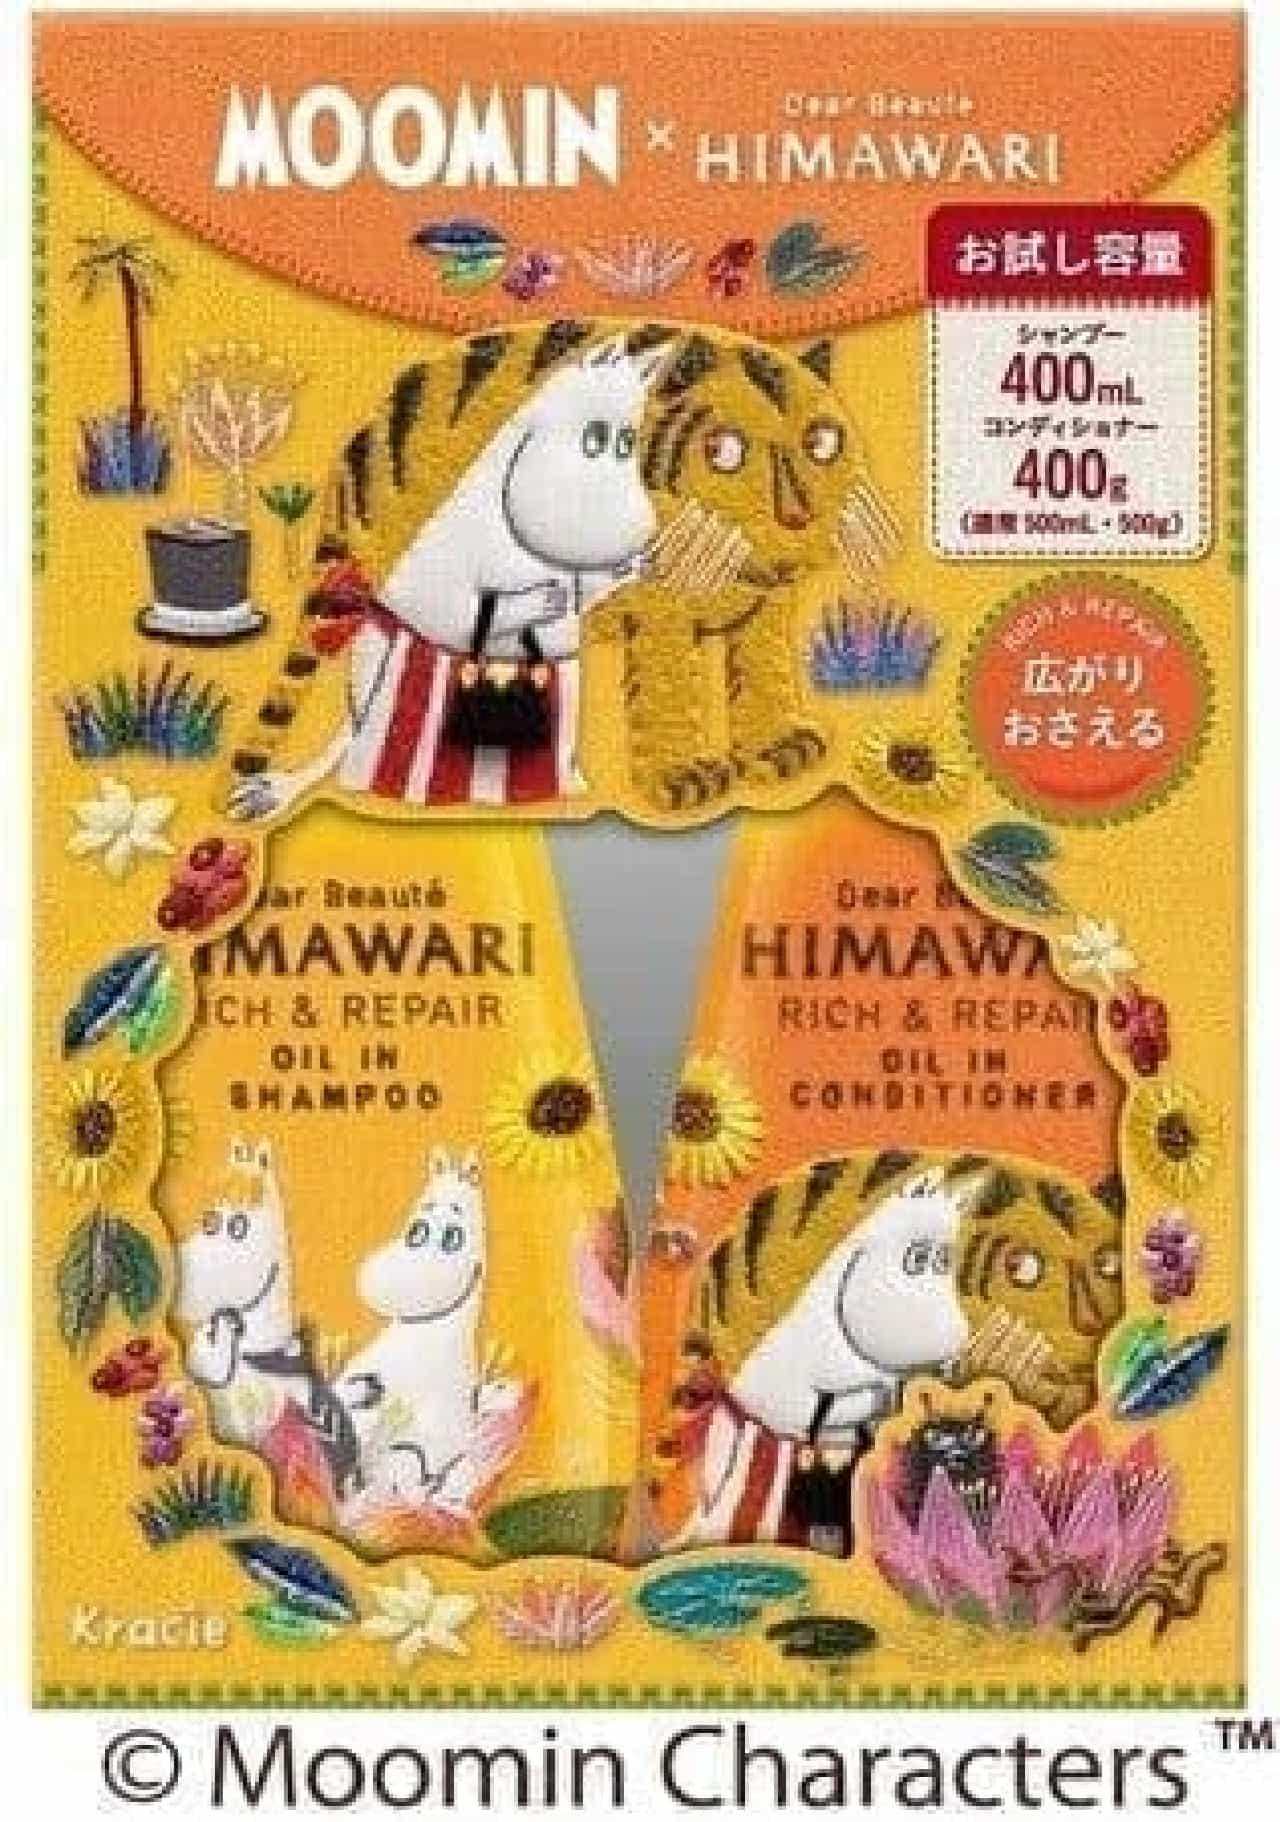 ディアボーテHIMAWARI「リッチ&リペア」の「ムーミン刺繍デザイン」オイルインシャンプー&オイルインコンディショナー